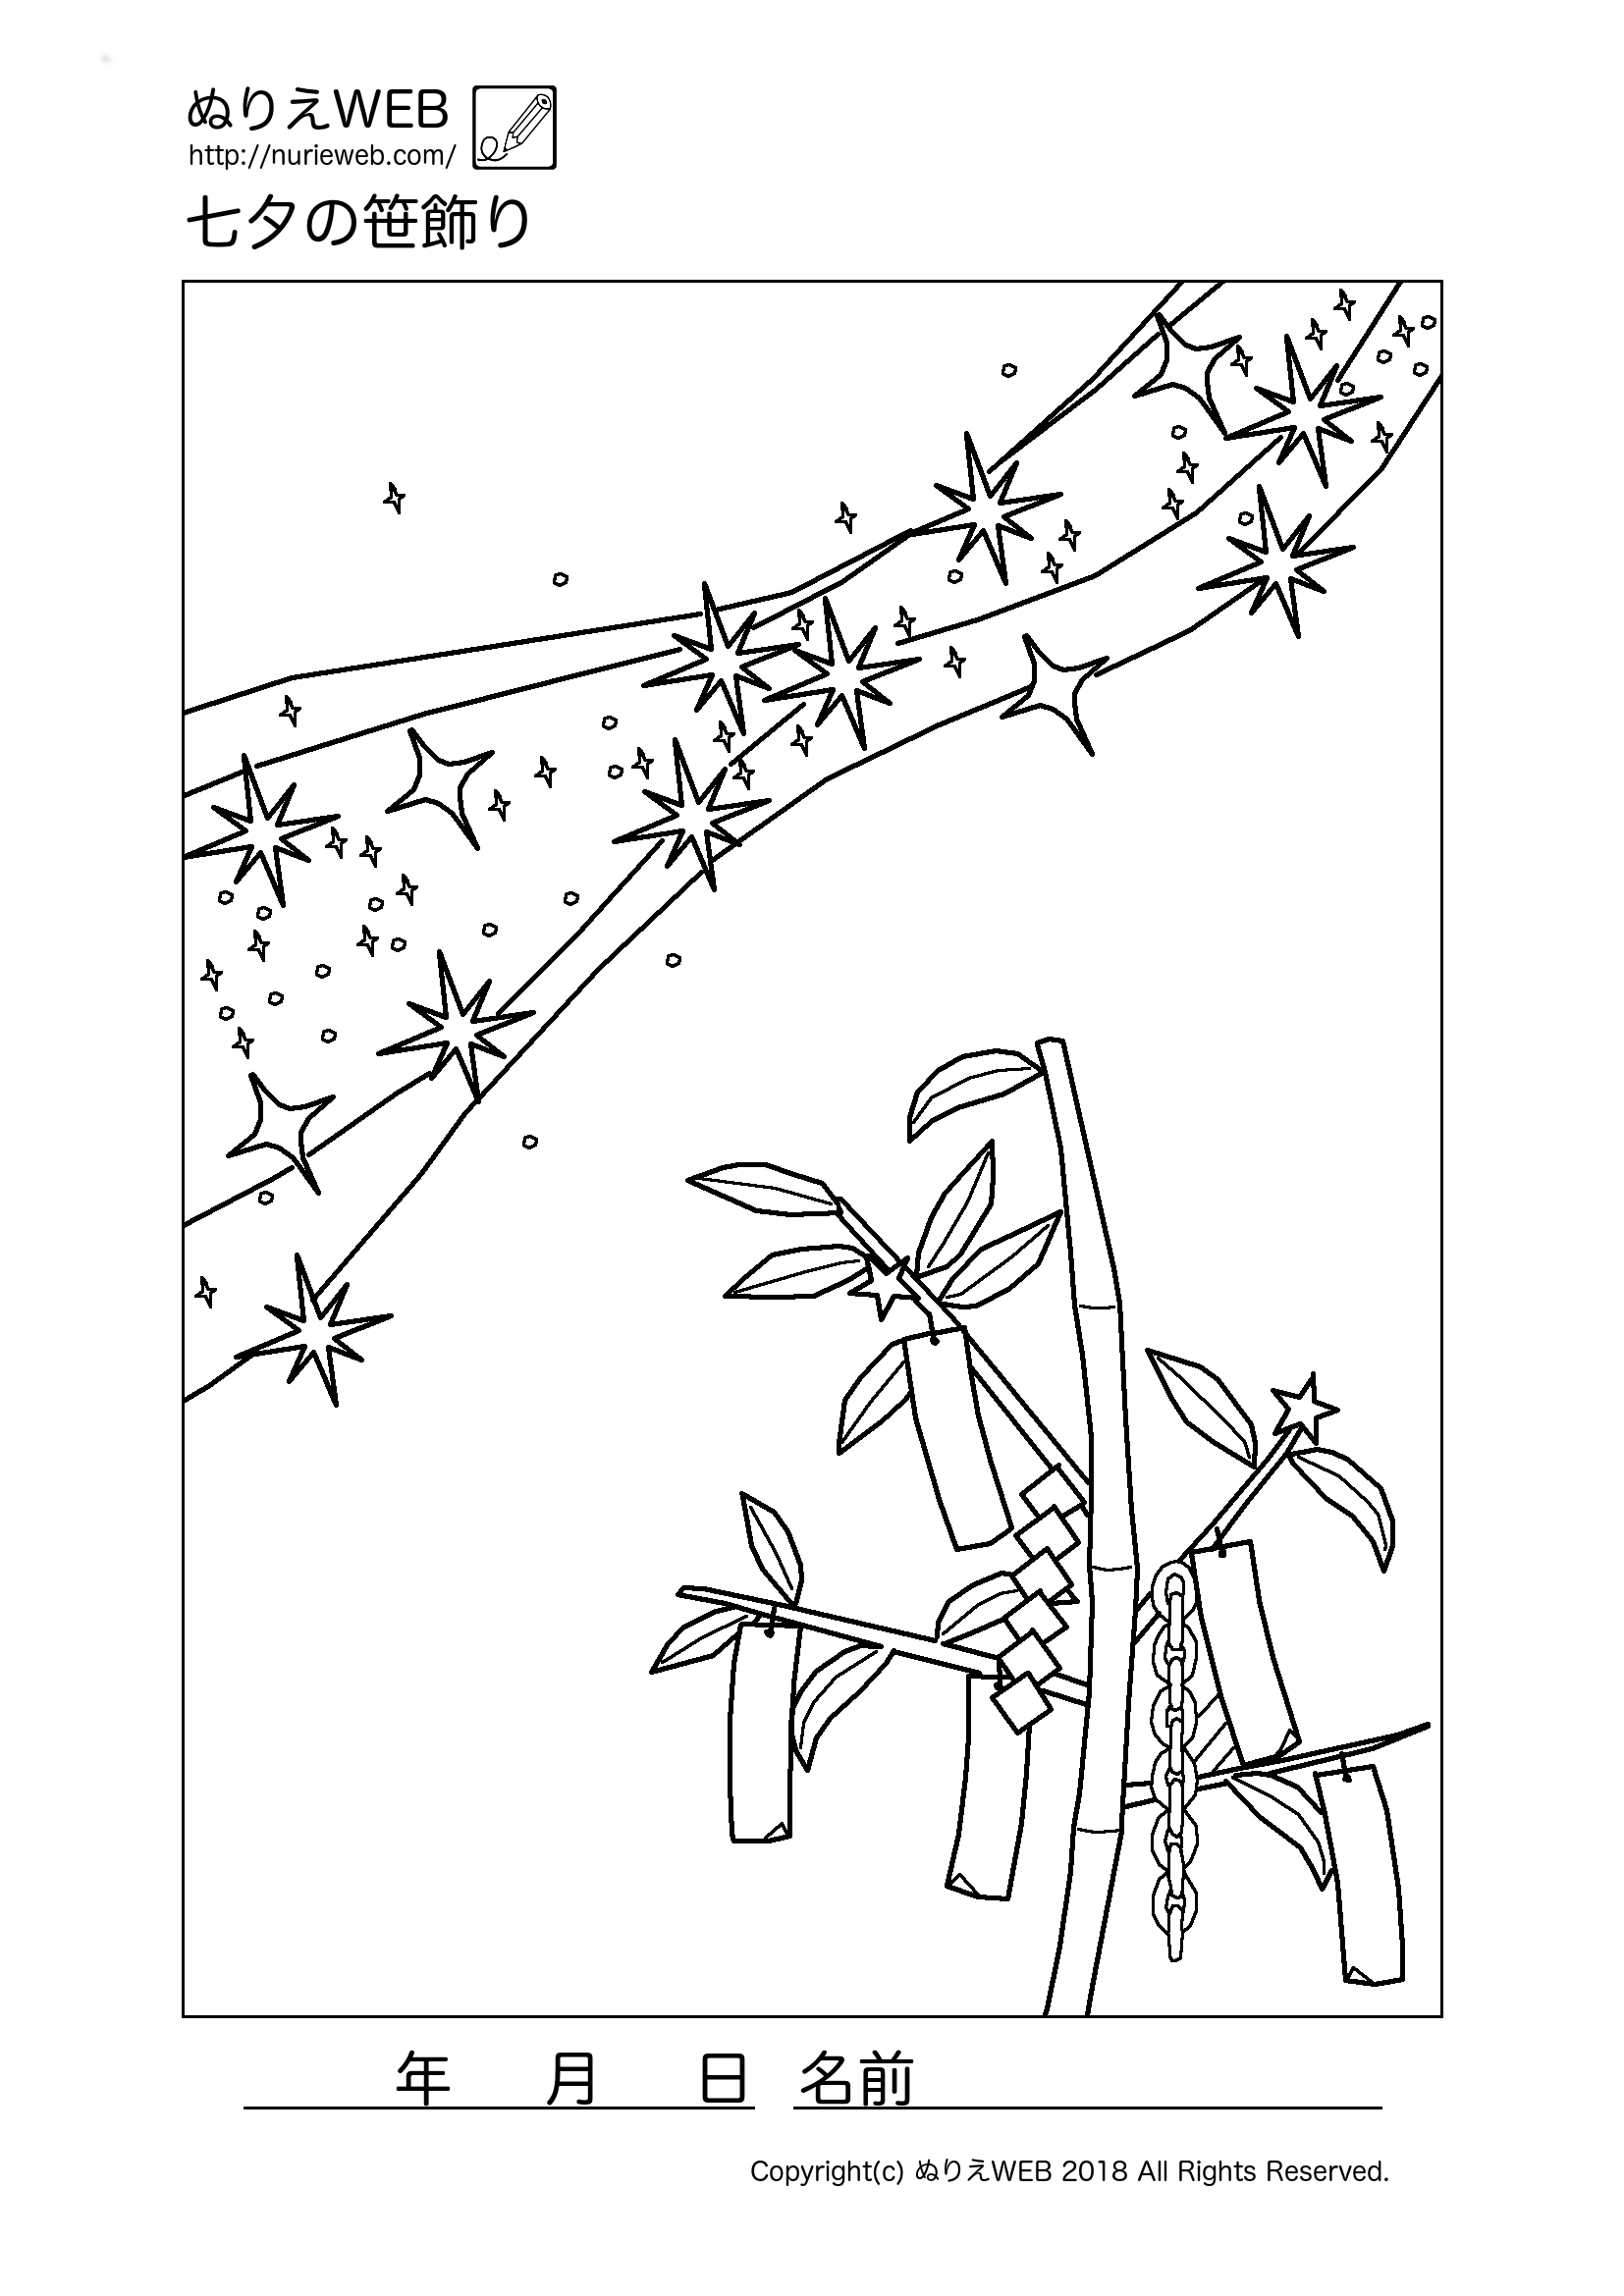 ぬりえweb:七夕の笹飾りの塗り絵 | ぬりえweb コレクション | ぬりえ